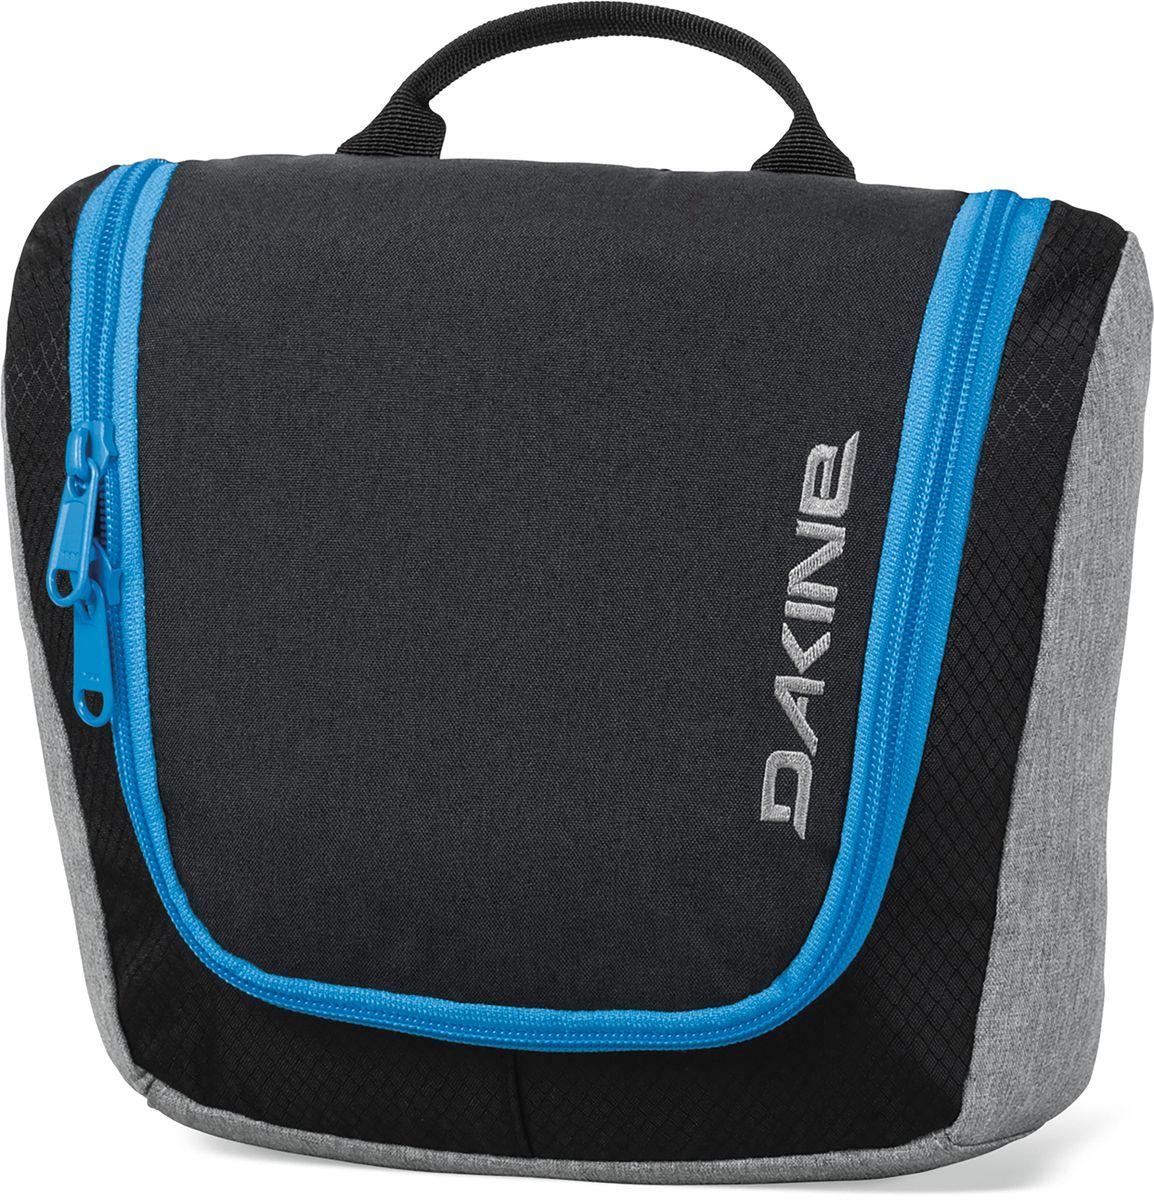 Косметичка дорожная Dakine Travel Kit, цвет: черный, синий, 3 л332515-2800Косметичка Dakine Travel Kit выполнена из полиэстера и застегивается на молнию. Модель может подвешиваться за крючок. Внутри отделение-органайзер.